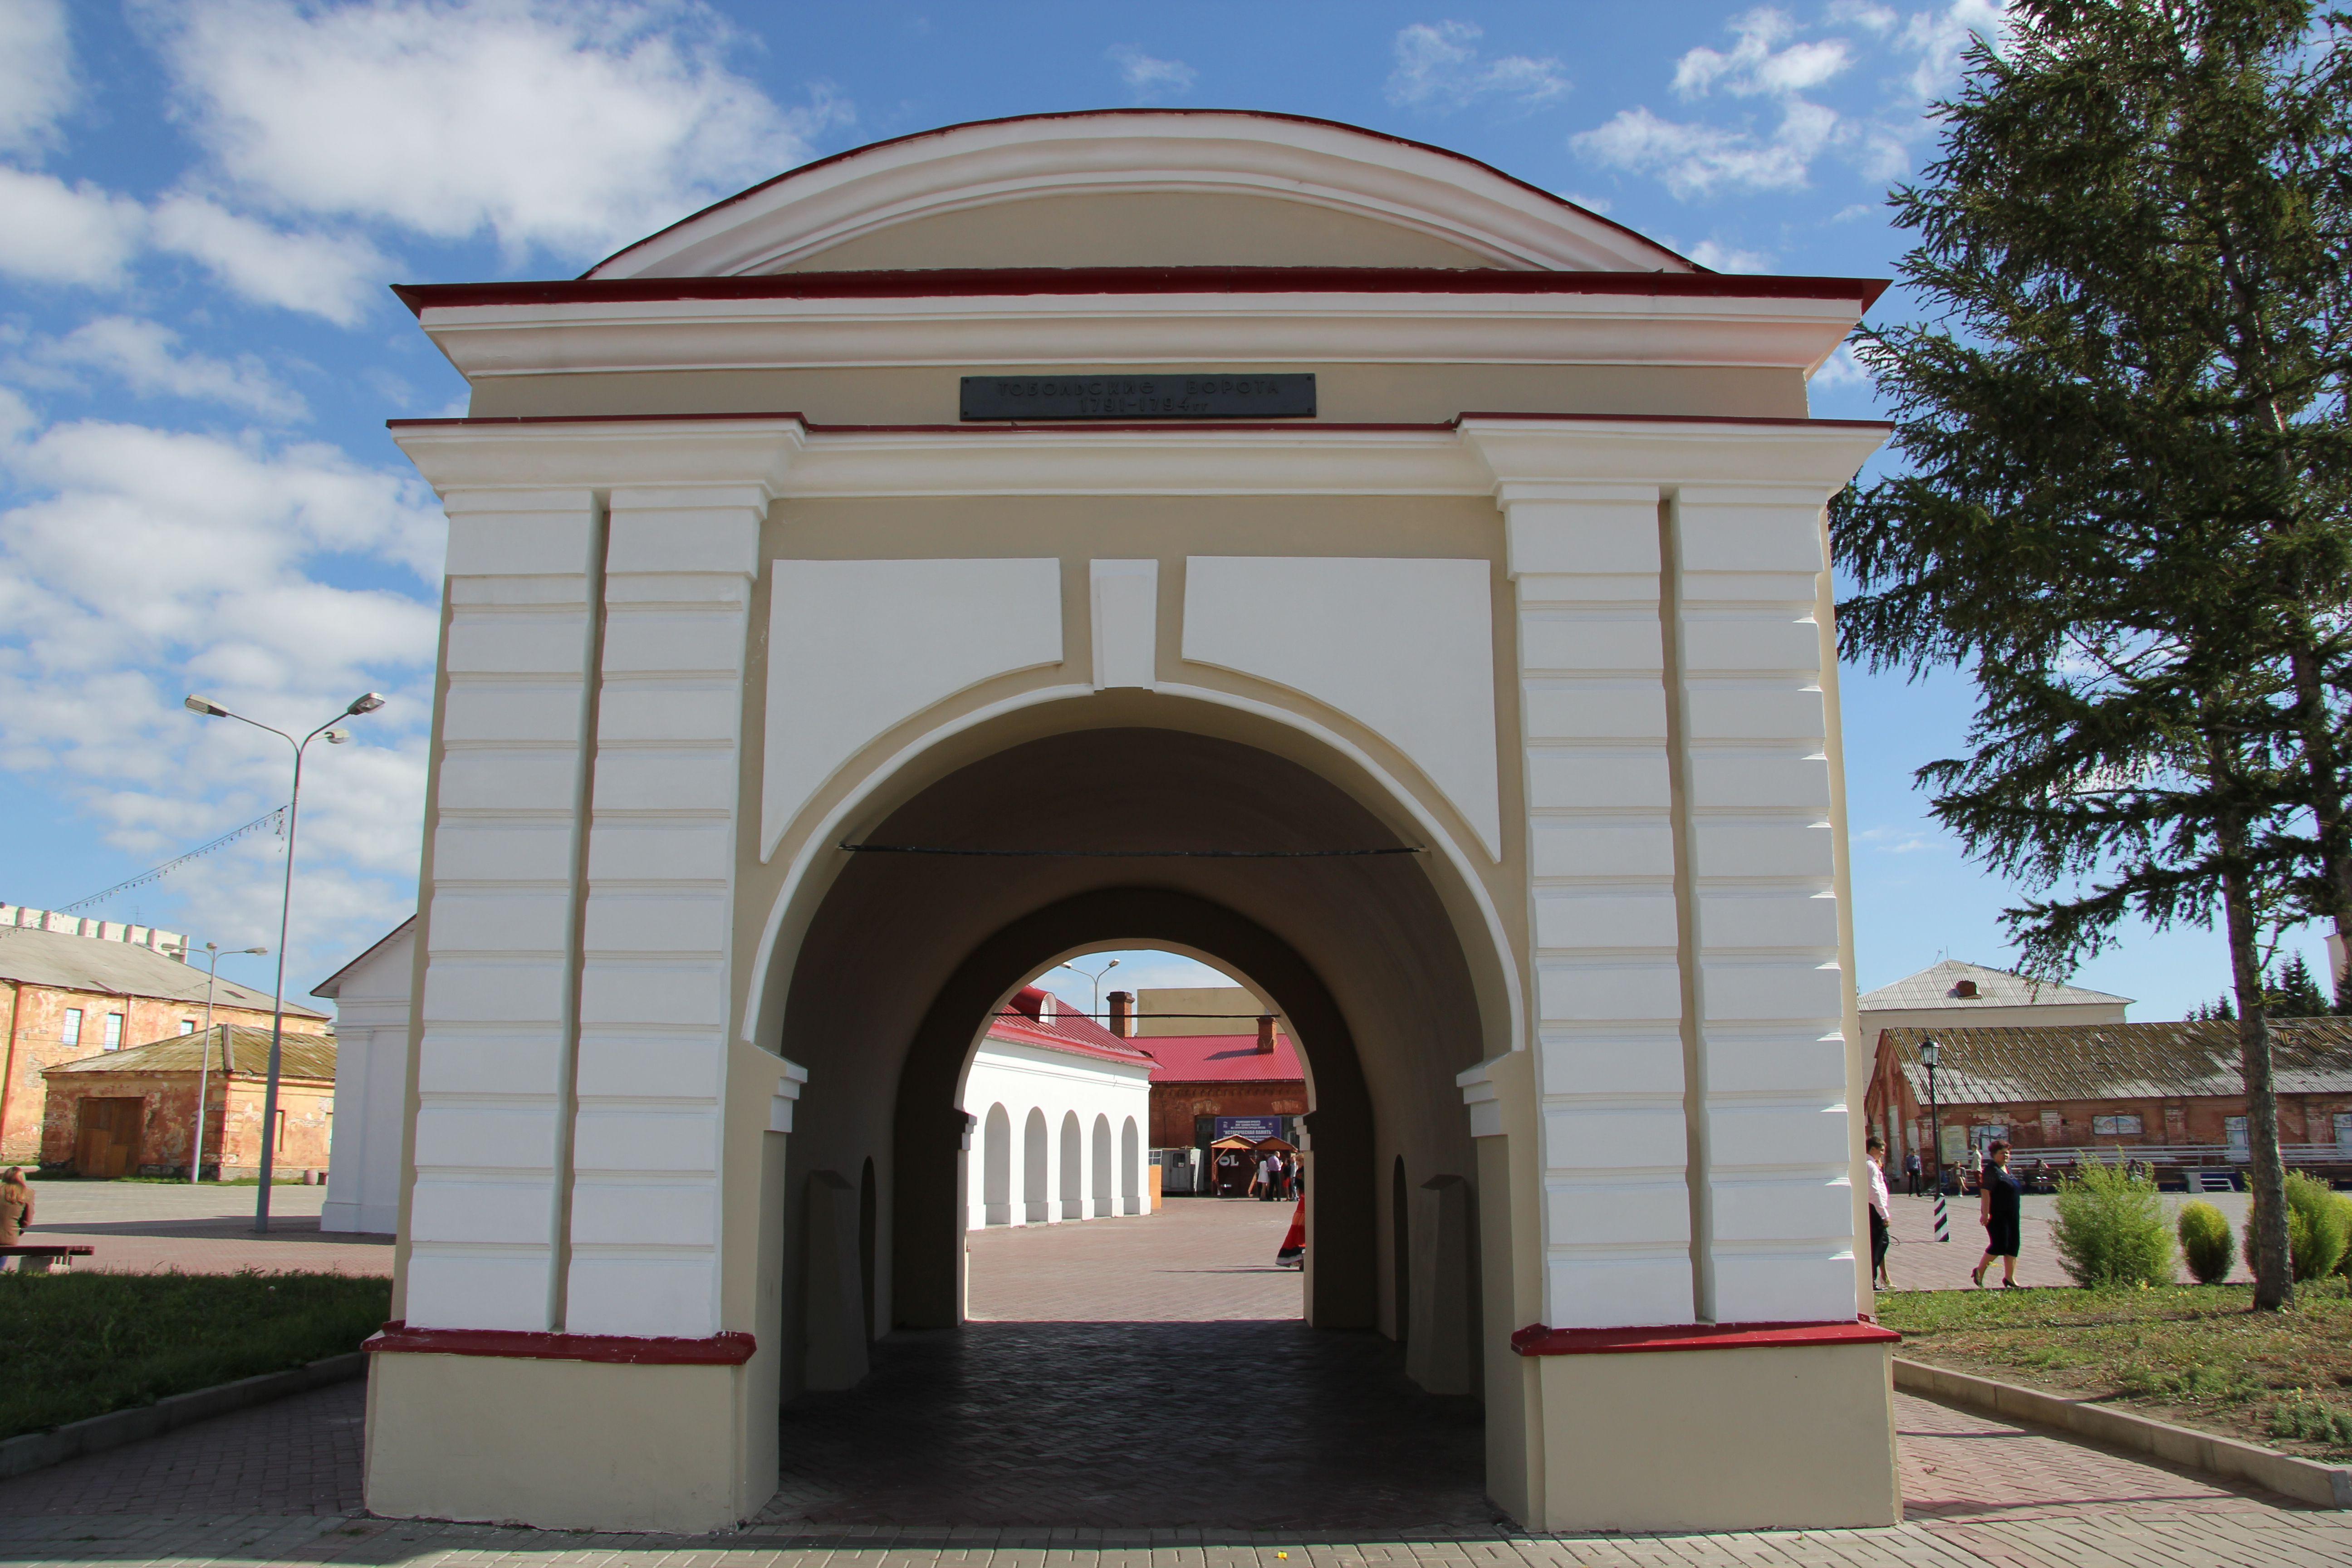 Toblosk gate, omsk